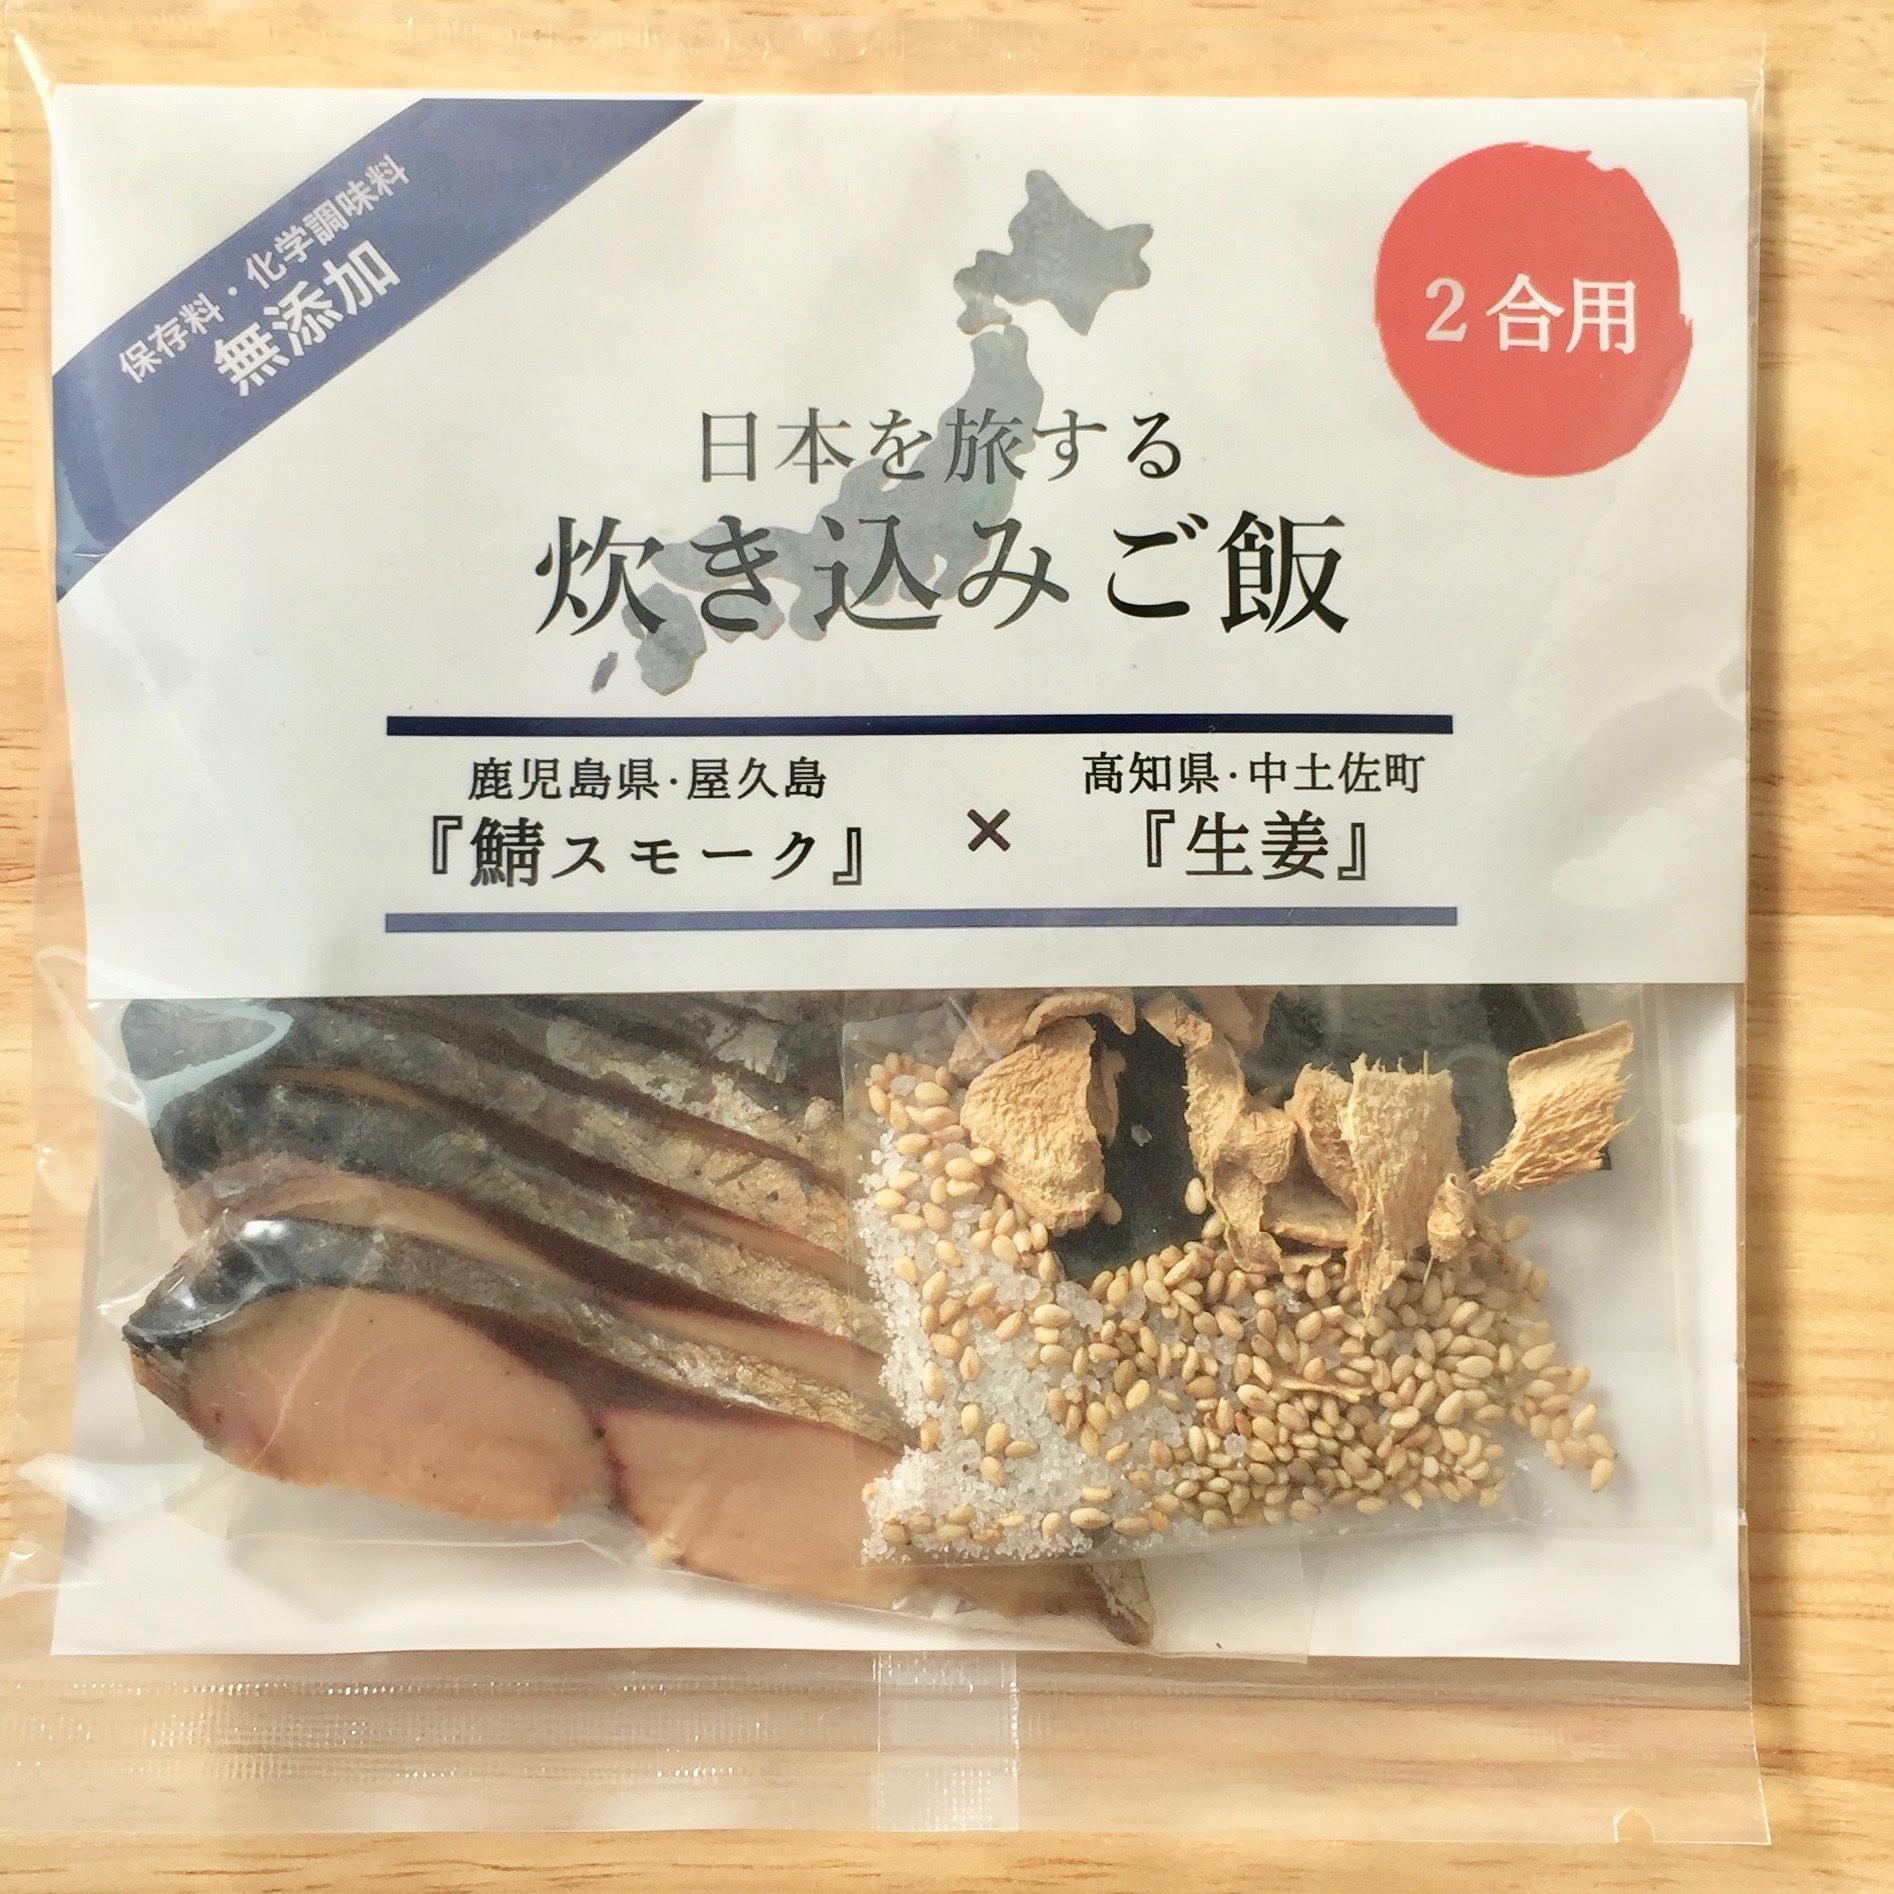 日本を旅する『炊き込みご飯』鯖スモーク×生姜